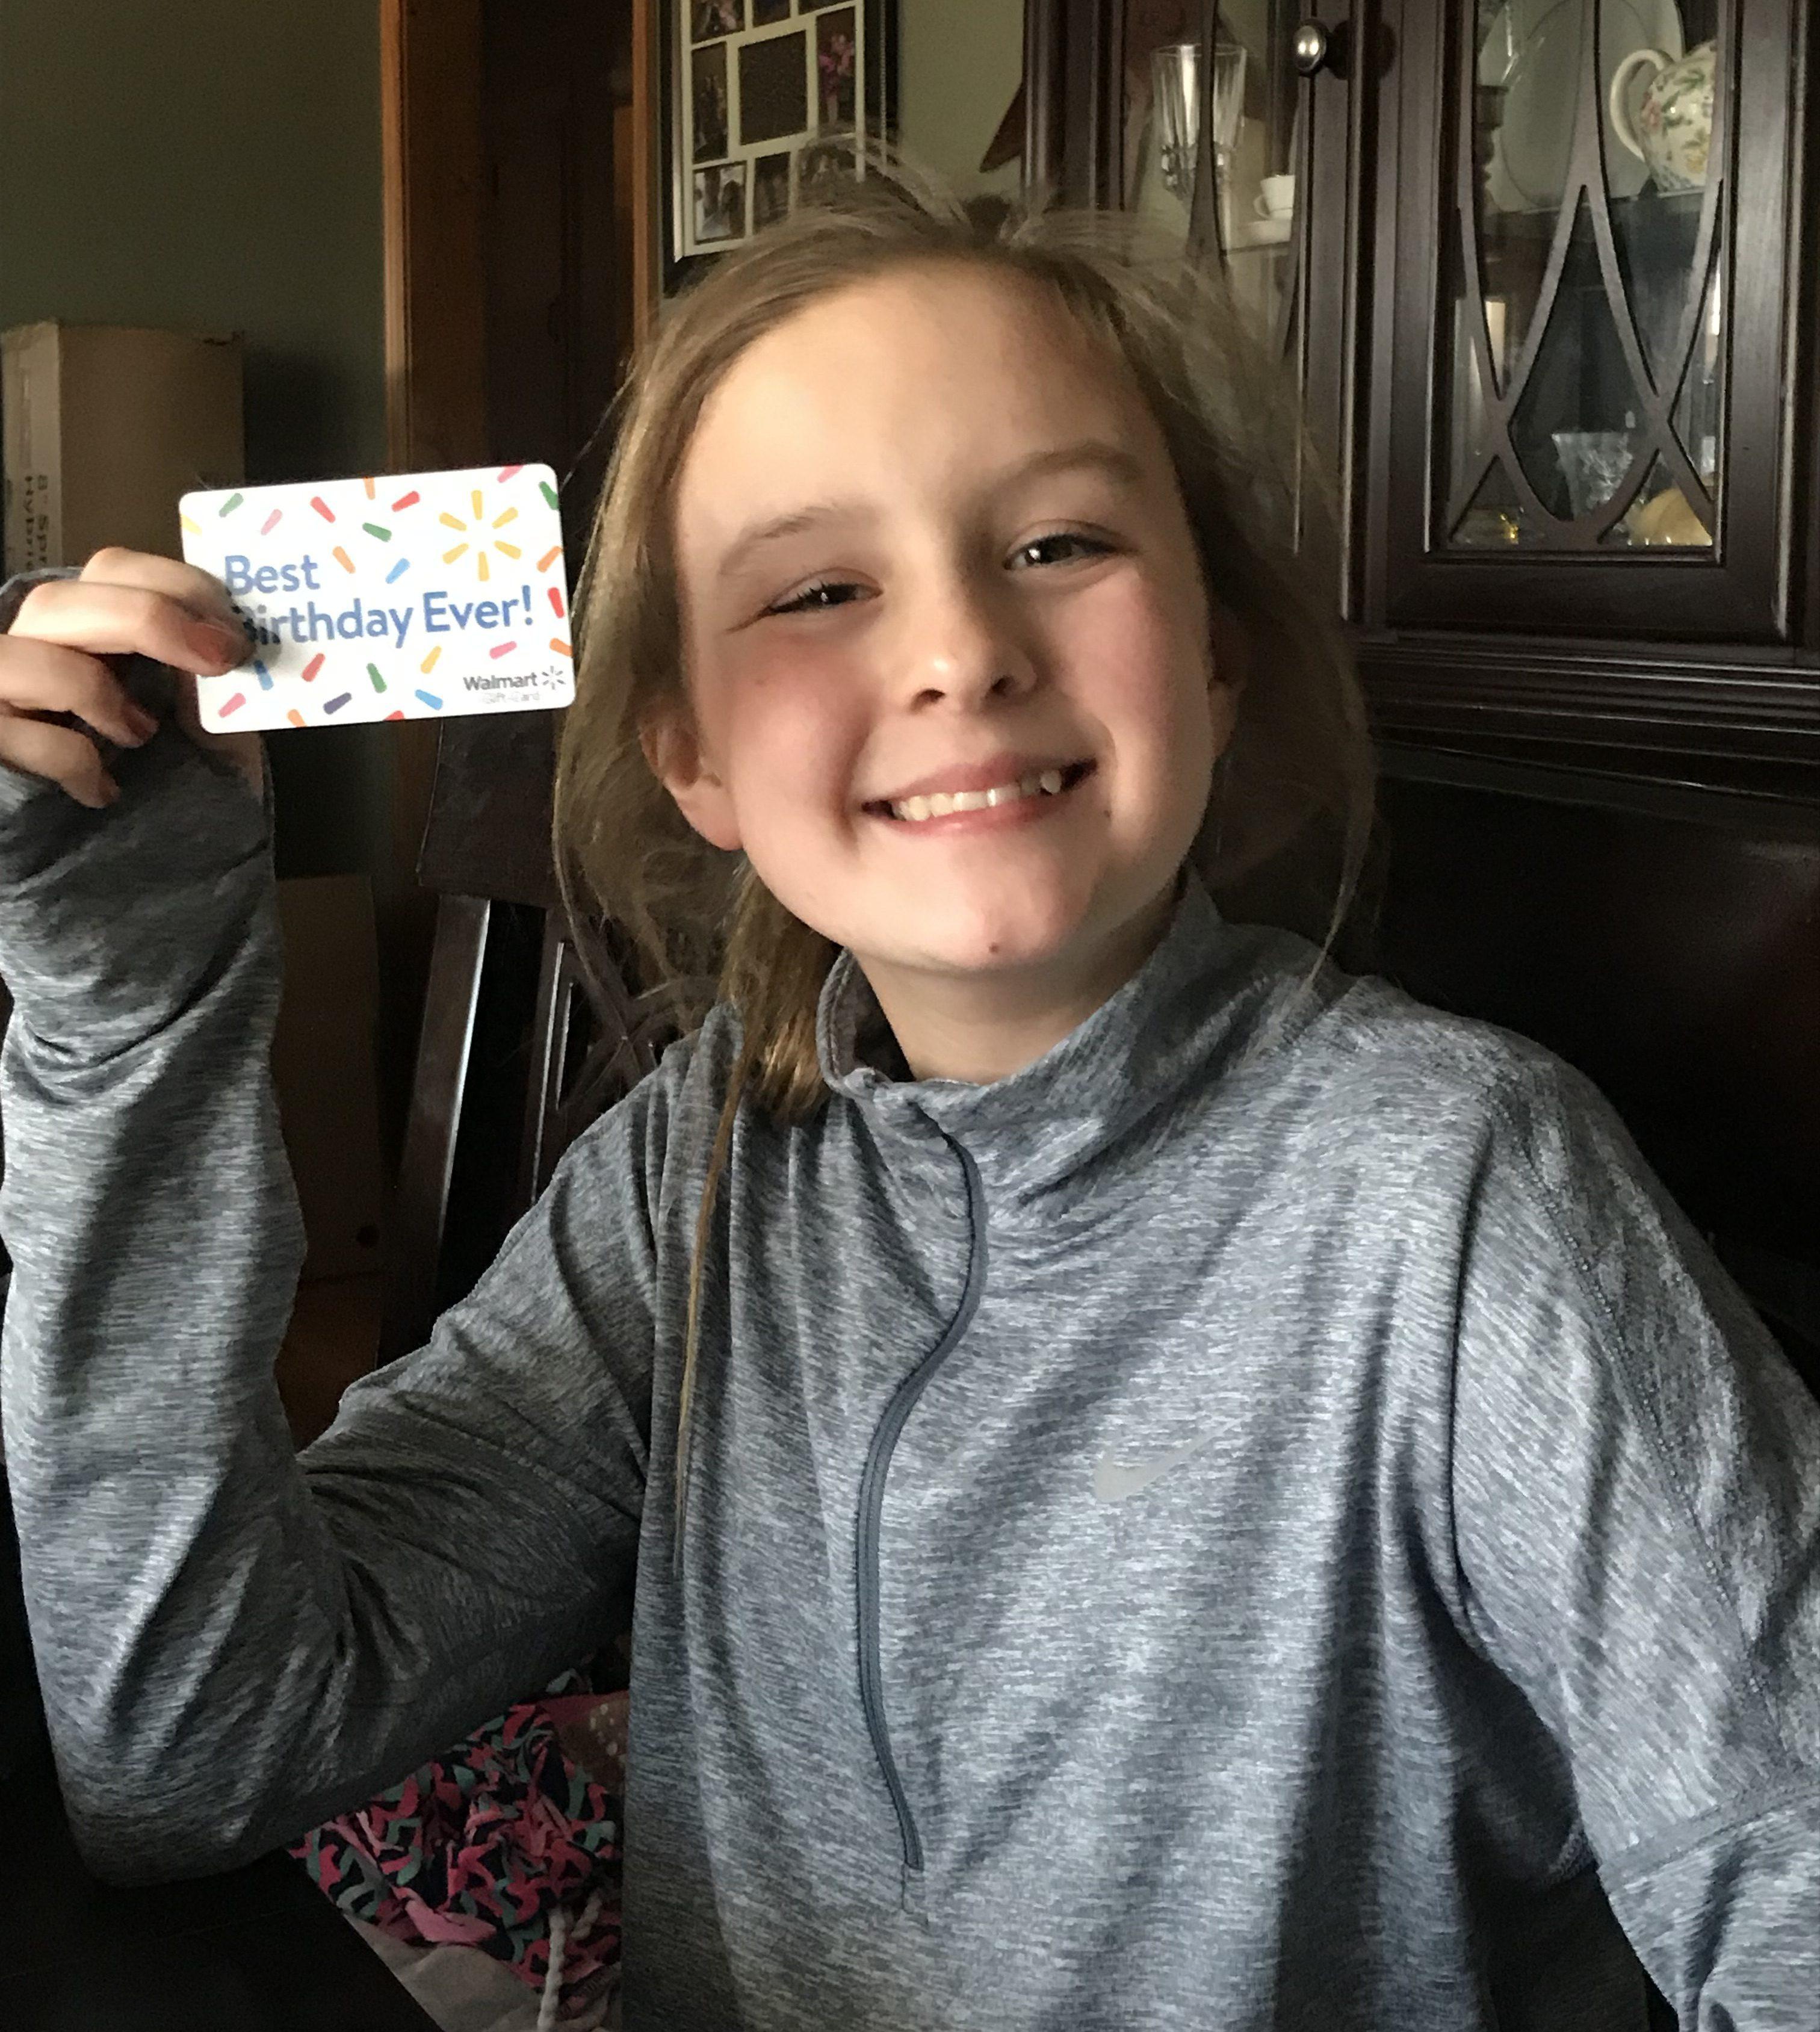 Children's Greeting Card Program 171